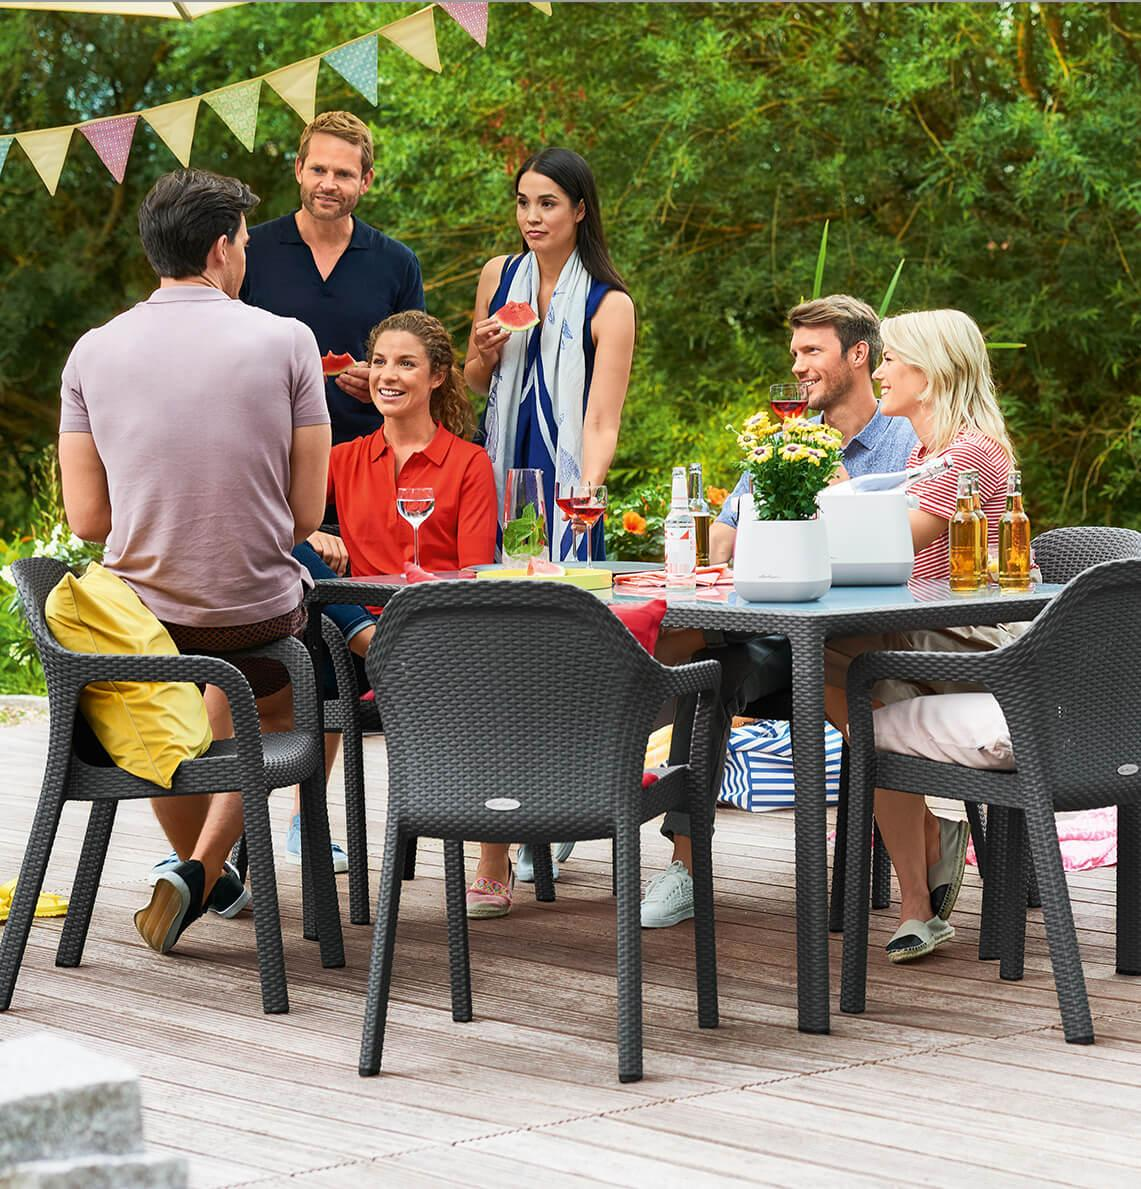 Freunde feiern eine Party im Garten und sitzen gemütlich an einem Tisch